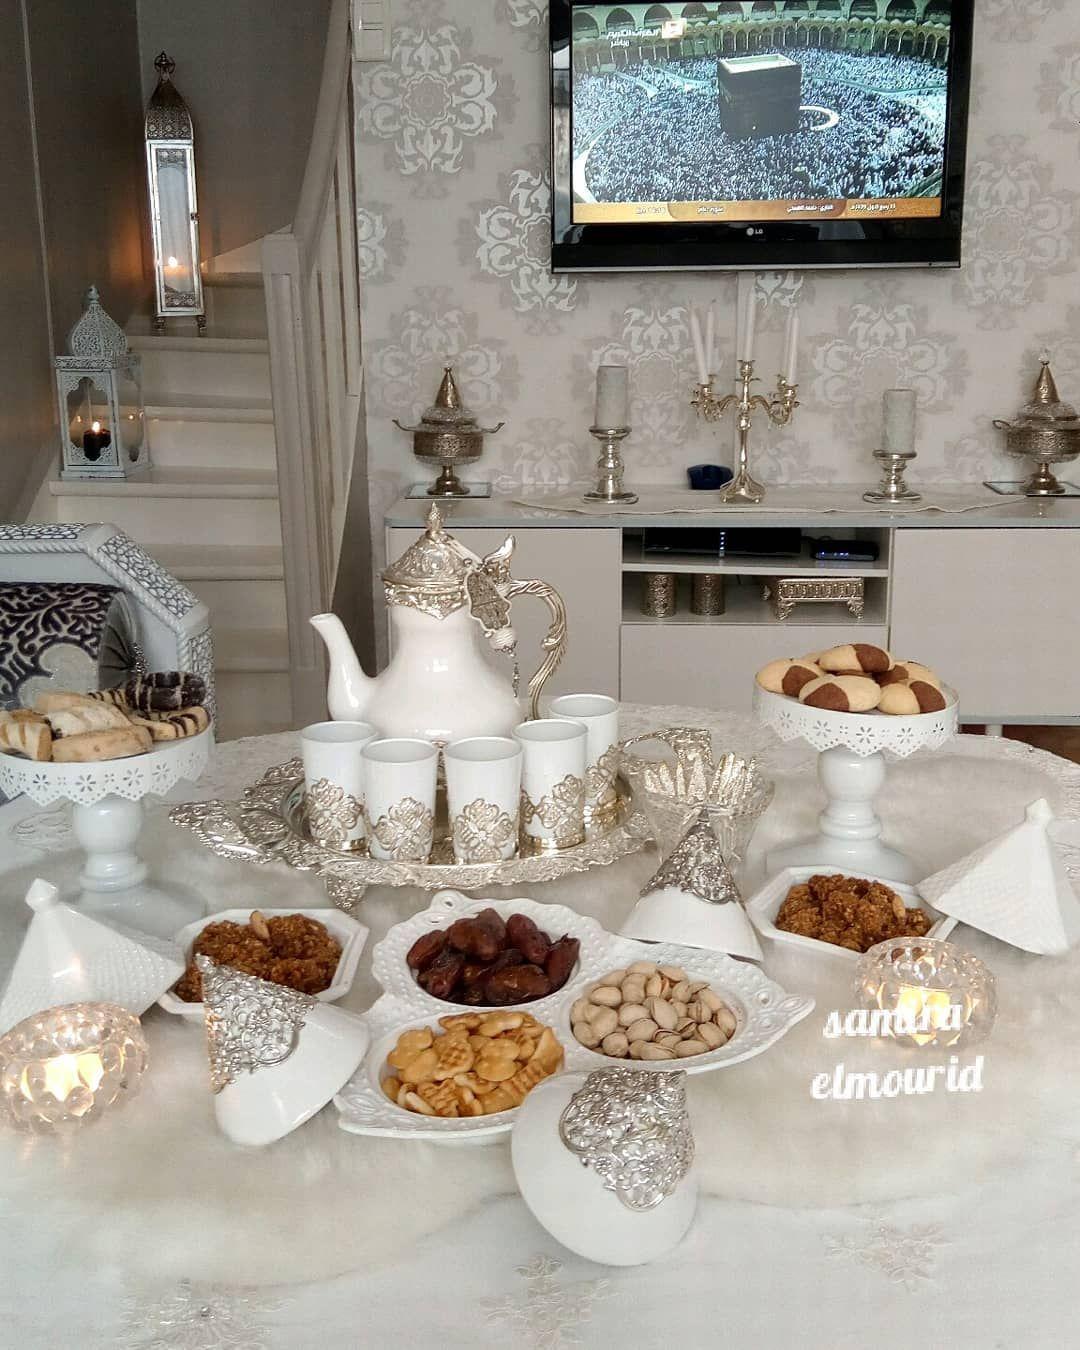 Moroccan style plating, food style. Présentation à la